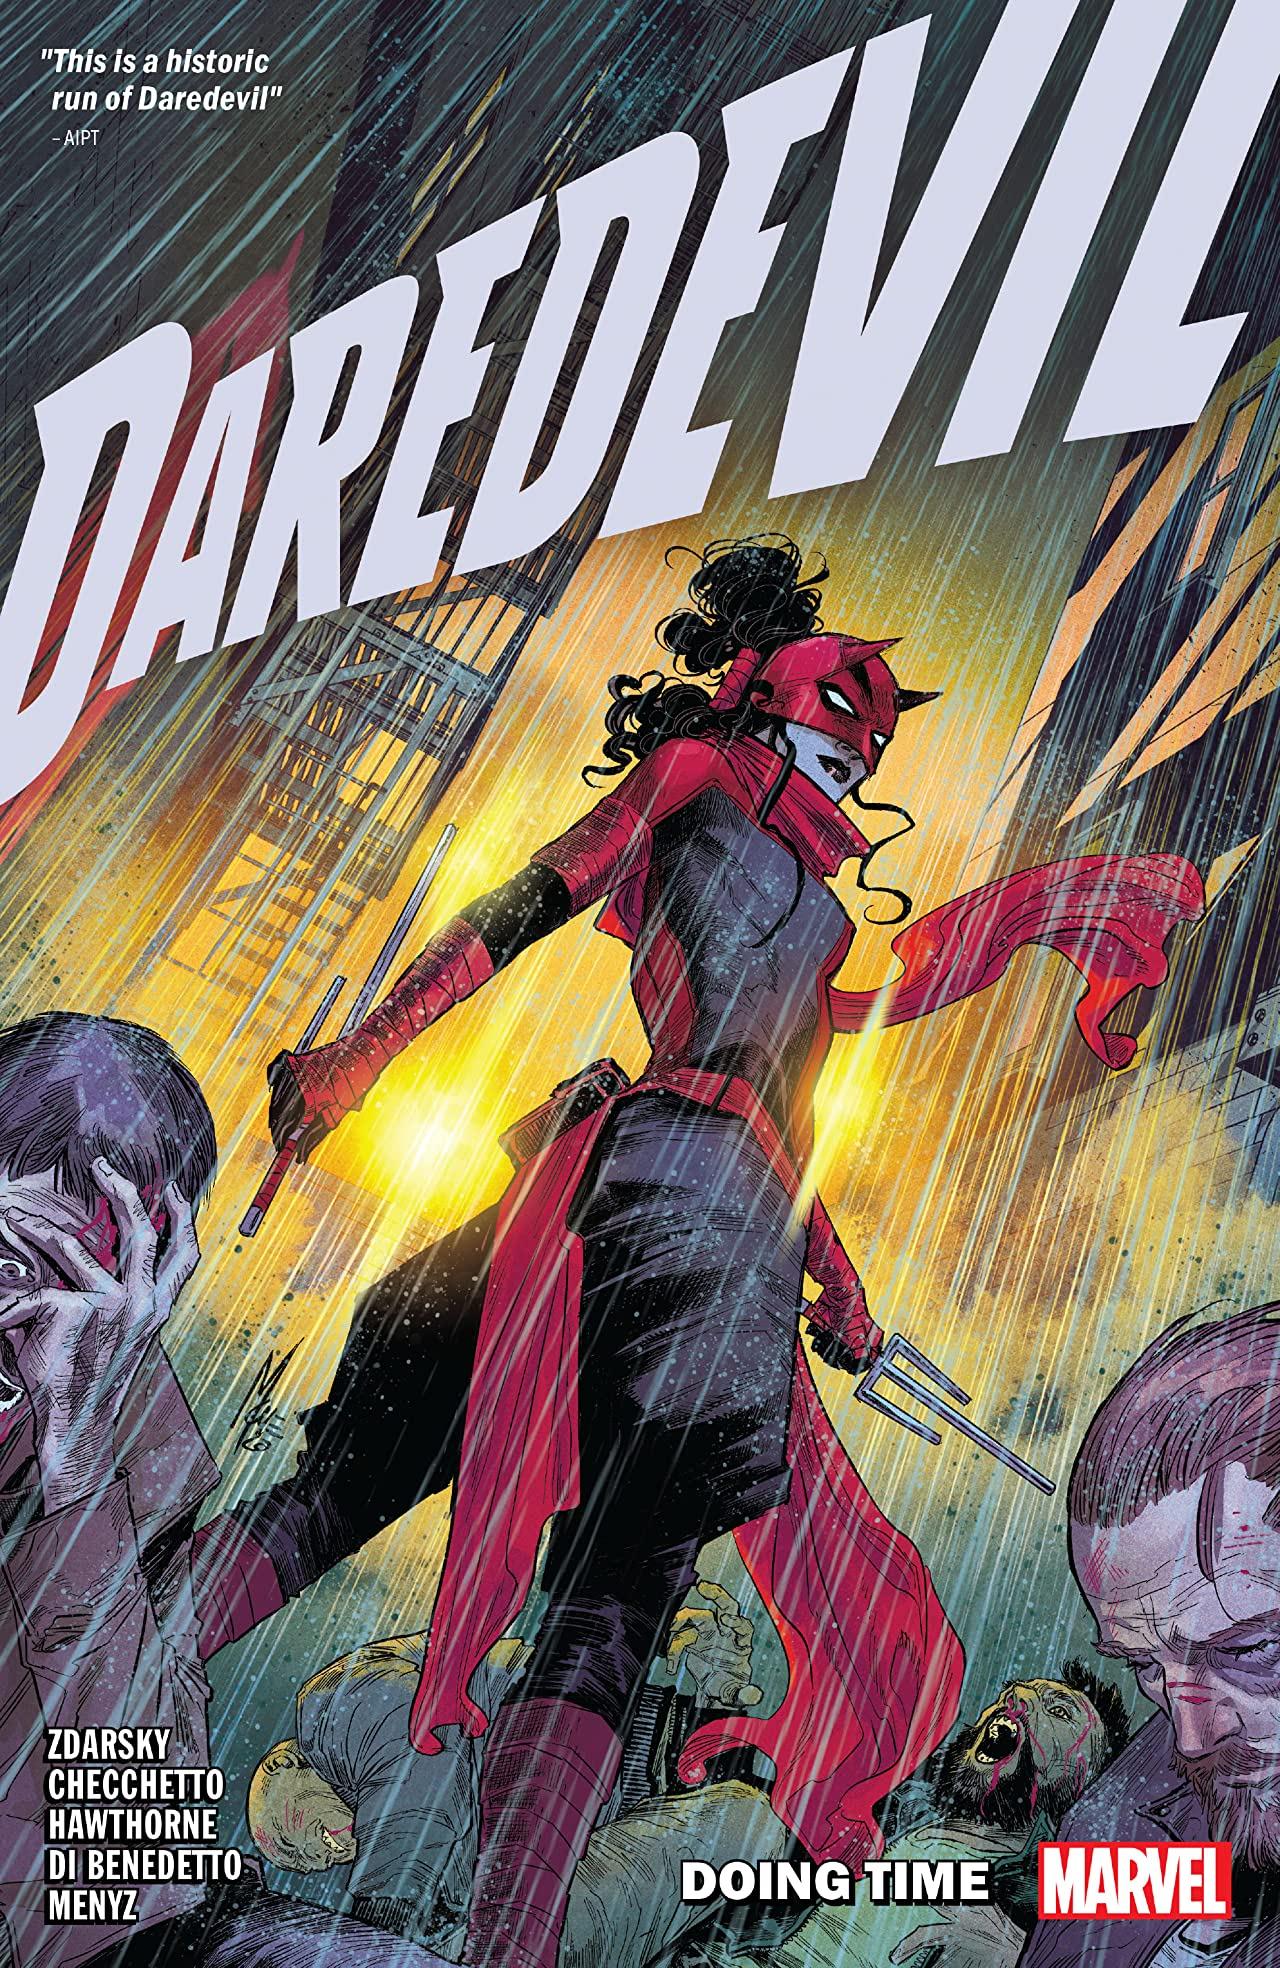 Daredevil By Chip Zdarsky Vol. 6: Doing Time (Trade Paperback)